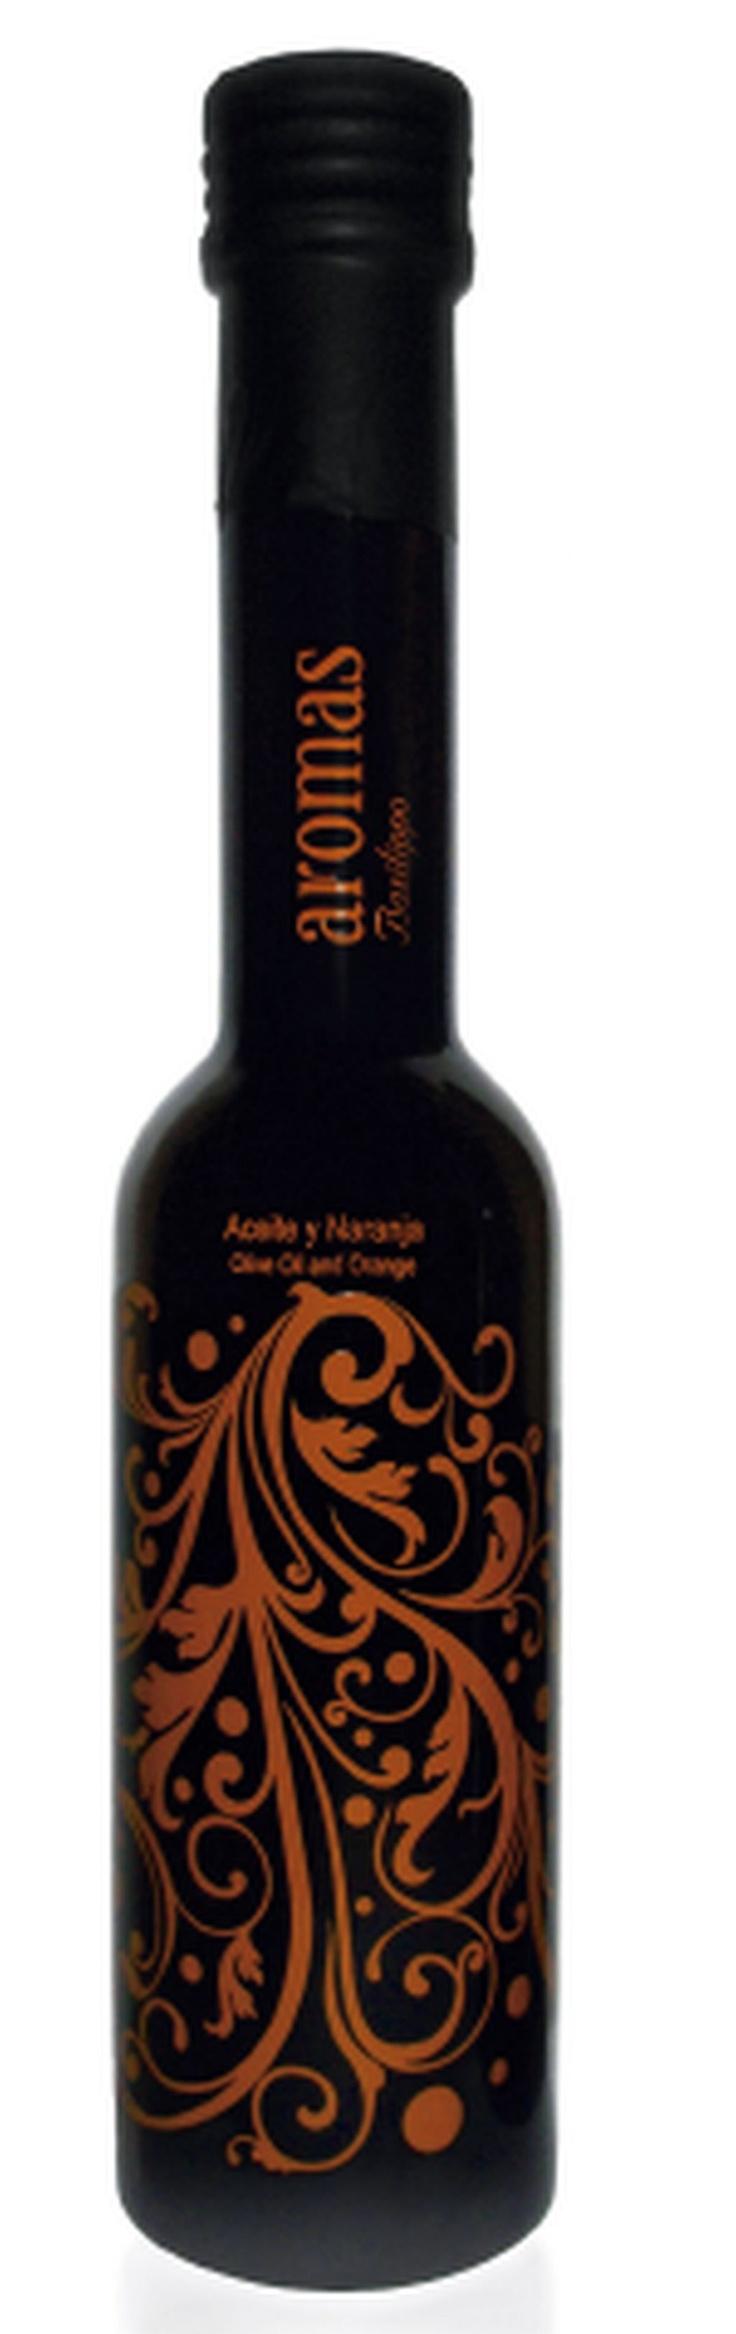 Basilippo Aceite de Naranja. (250 ml). #AOVE #EVOO #marenostrumgourmet #marenostrumgold